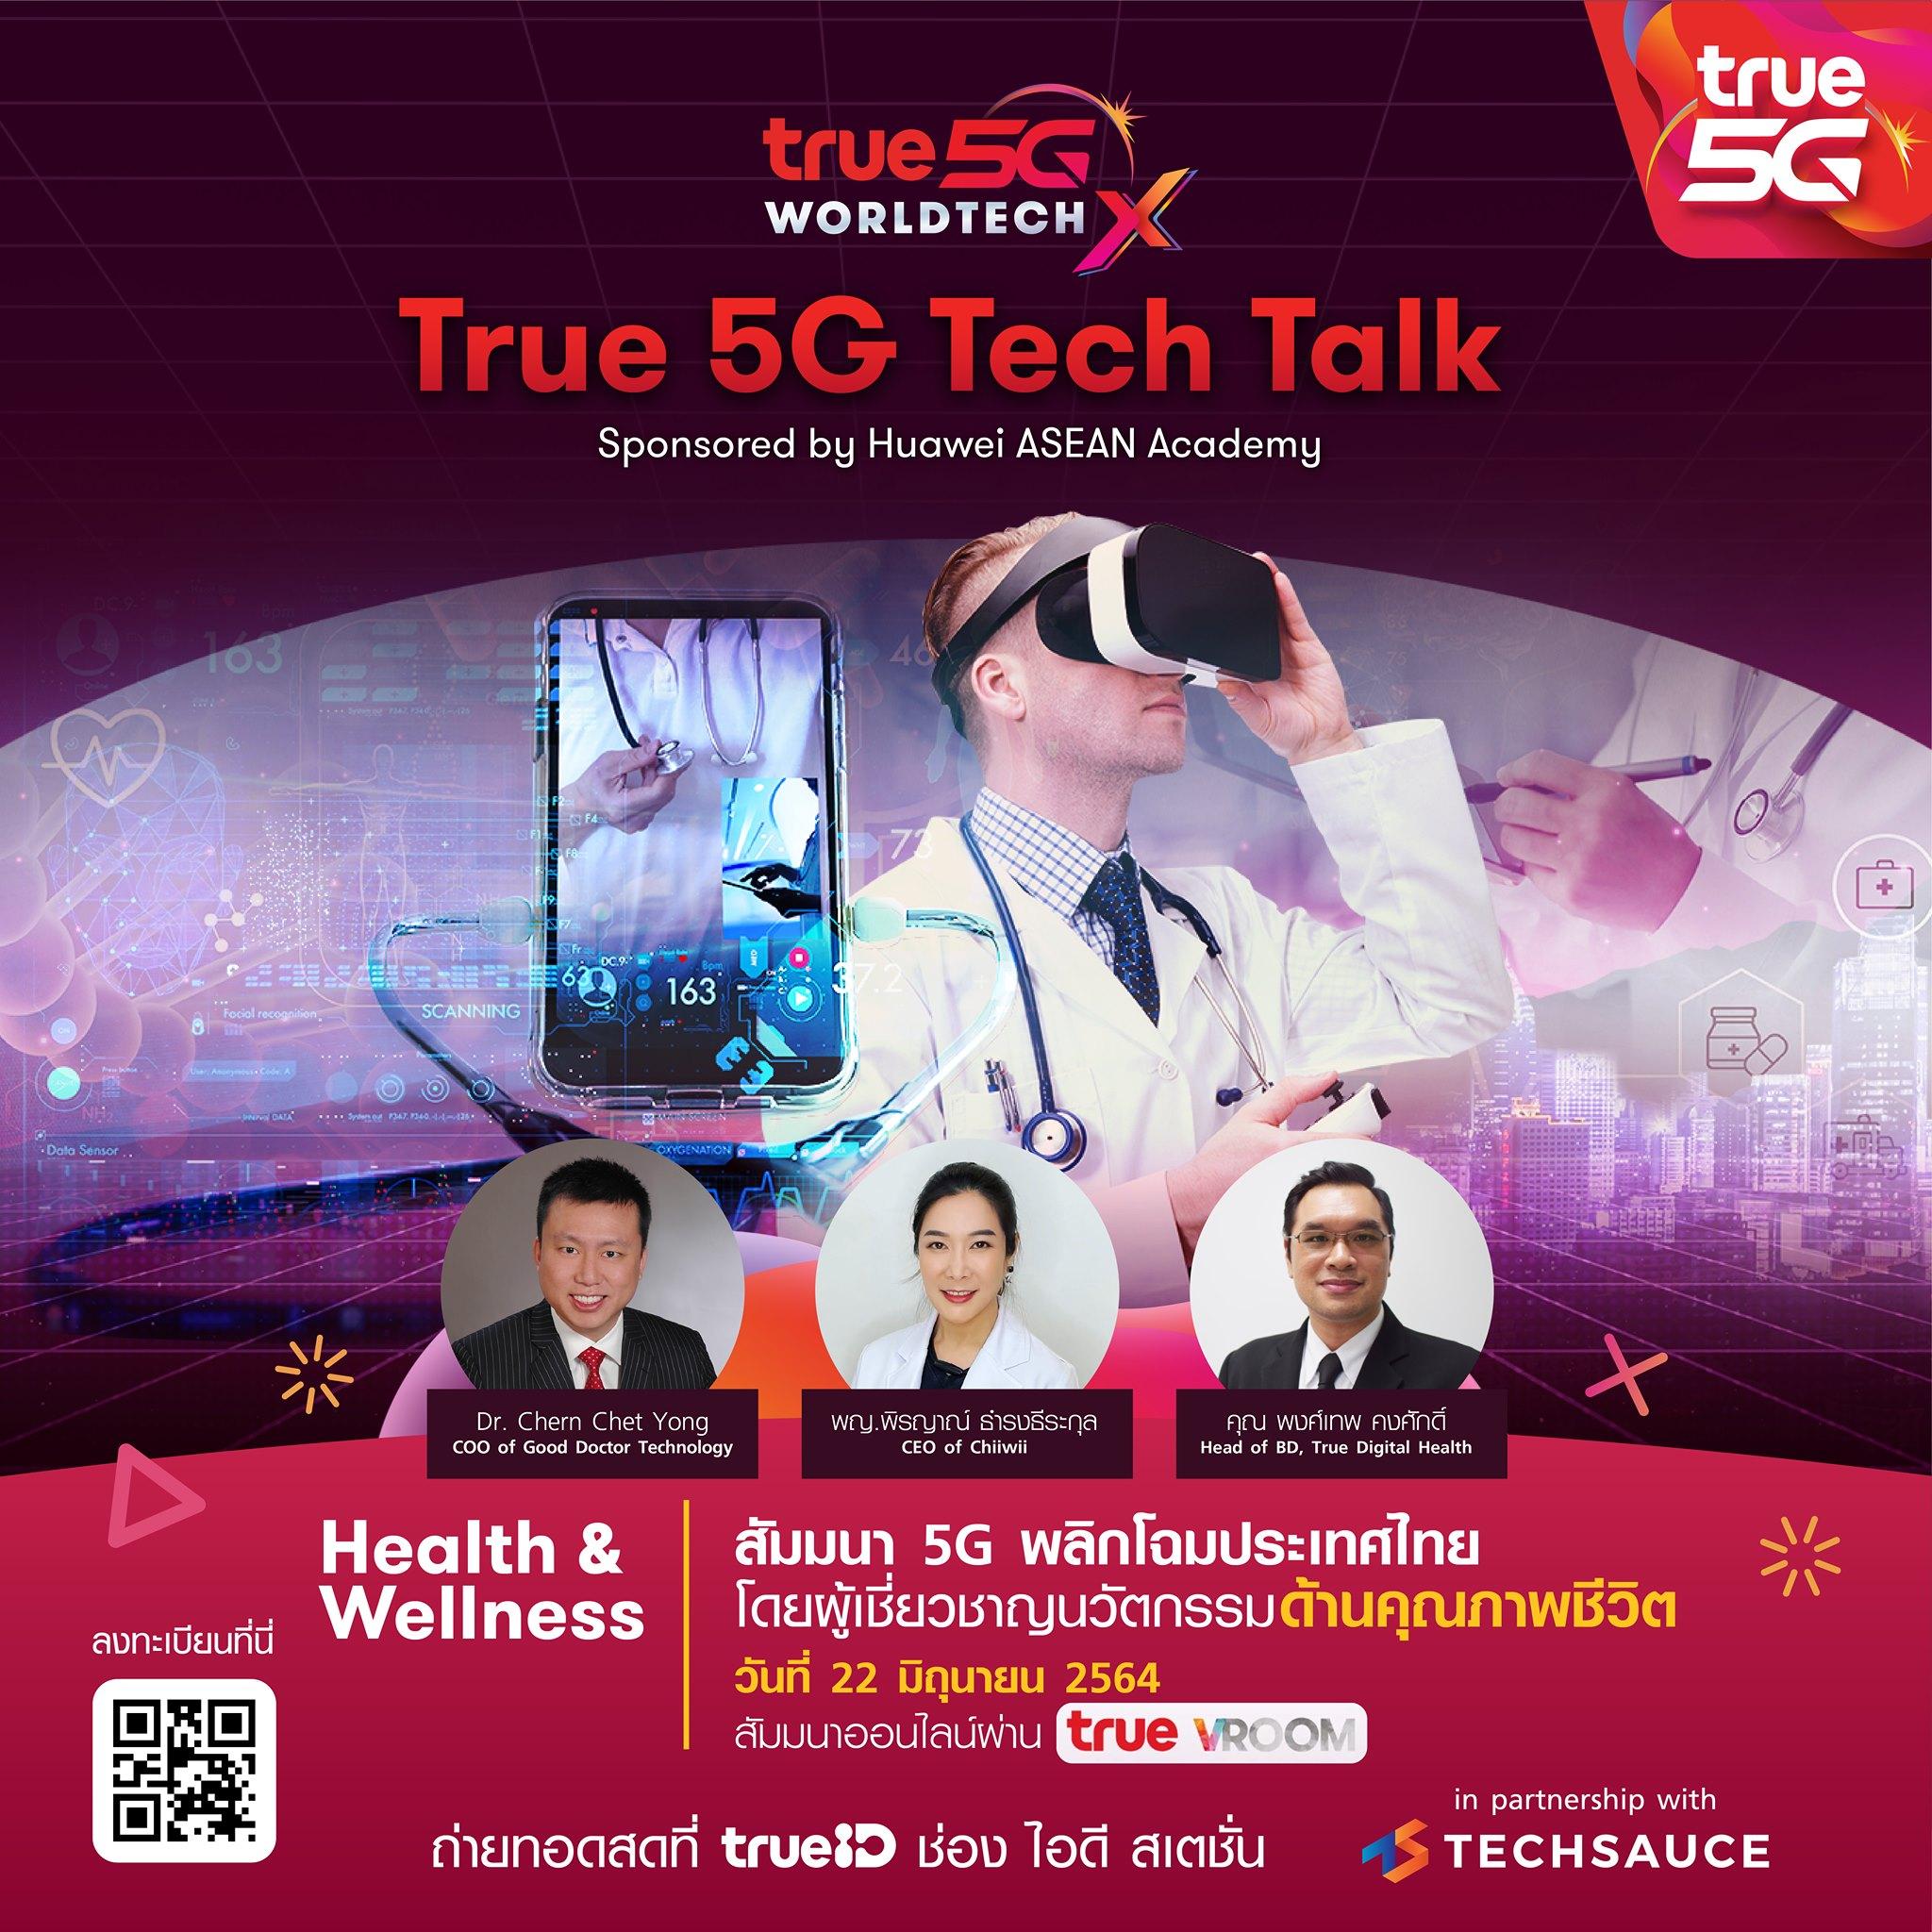 ทรู เปิดเวทีสัมมนา 5G พลิกโฉมประเทศไทย True 5G Tech Talk เจาะลึก Health & Wellness รับเทรนด์สุขภาพยุคโควิด ฟังฟรี 22 มิ.ย.นี้ ผ่าน True VROOM ถ่ายทอดสดที่ ทรูไอดี ช่อง ไอดี สเตชั่น